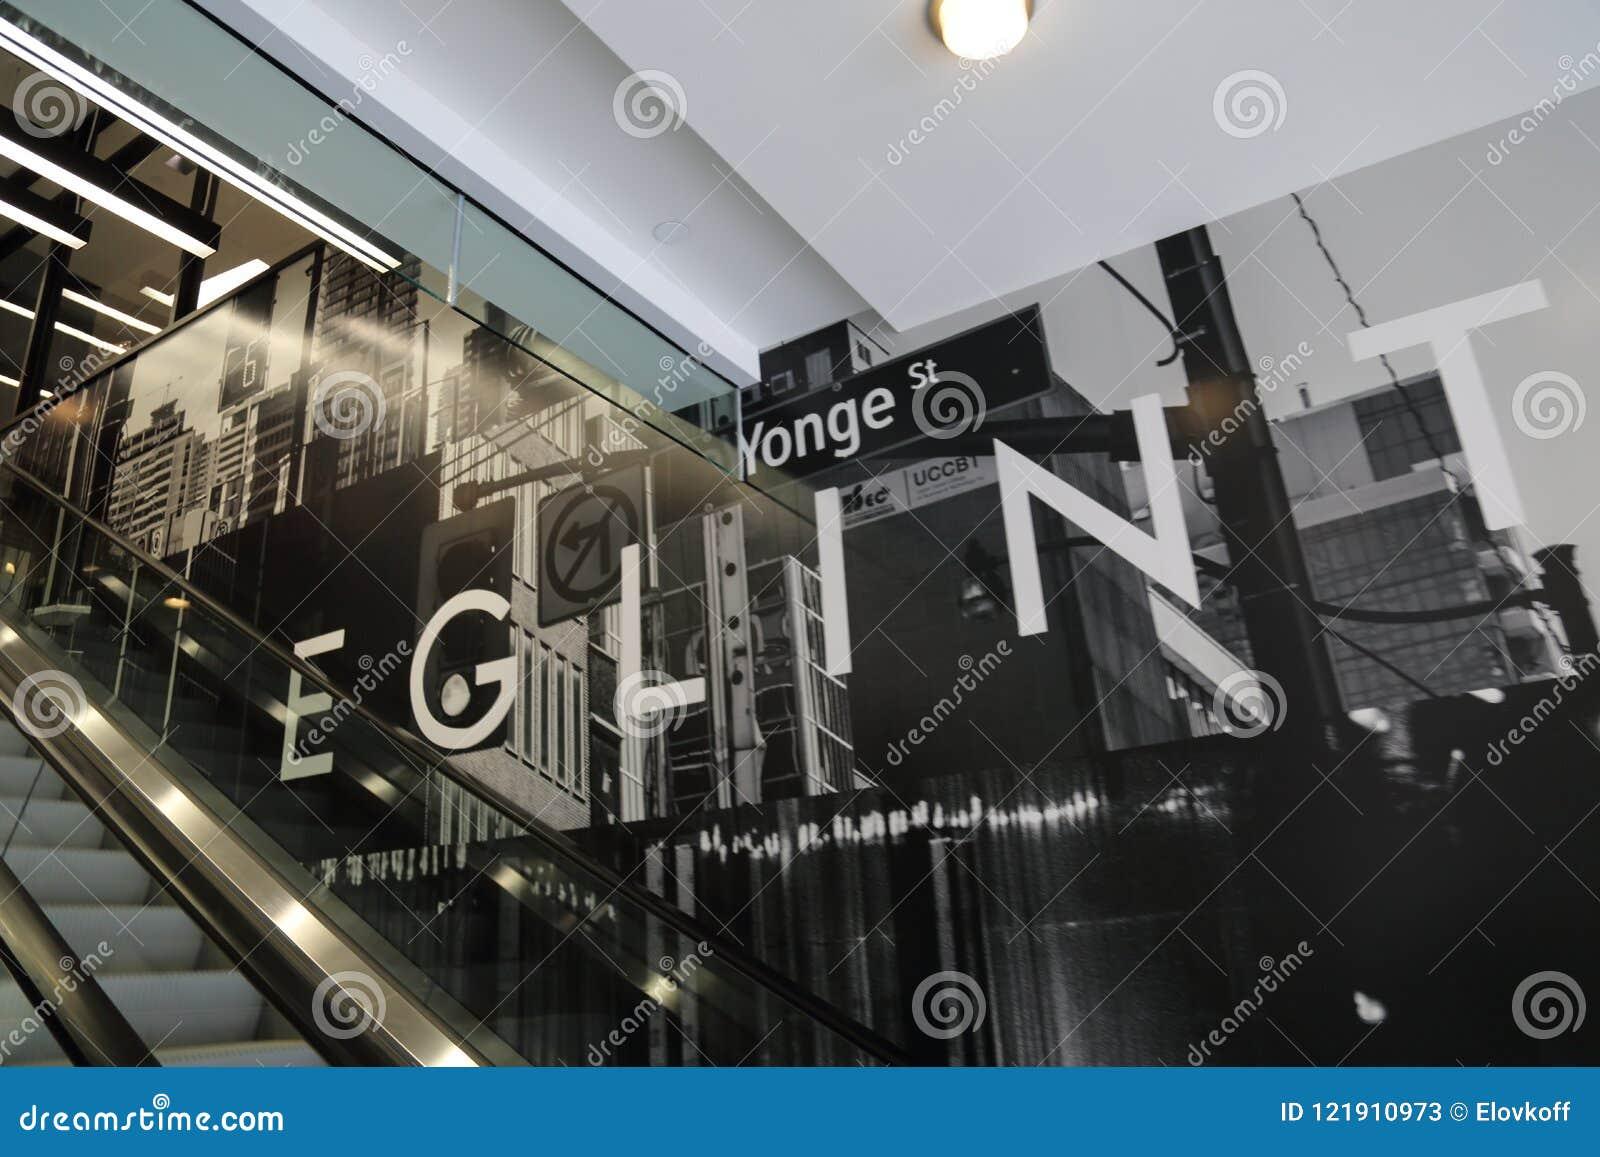 Toronto, Ontario, Canadá 20 de abril de 2018: Yonge nuevamente construido y E